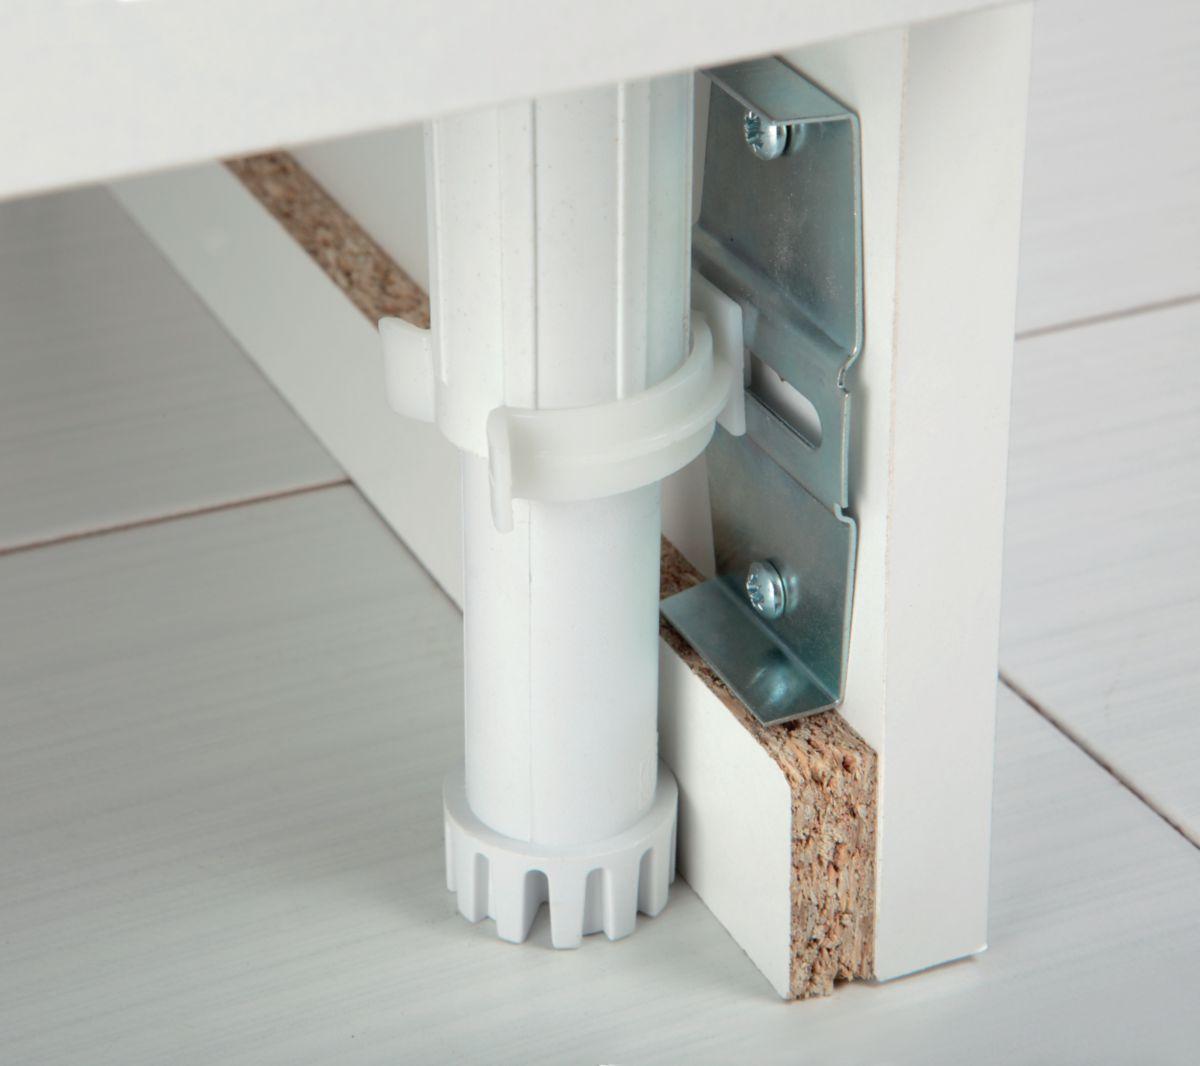 aquarine meuble sous vier azur 120 x 58 6 x 82 cm 3. Black Bedroom Furniture Sets. Home Design Ideas